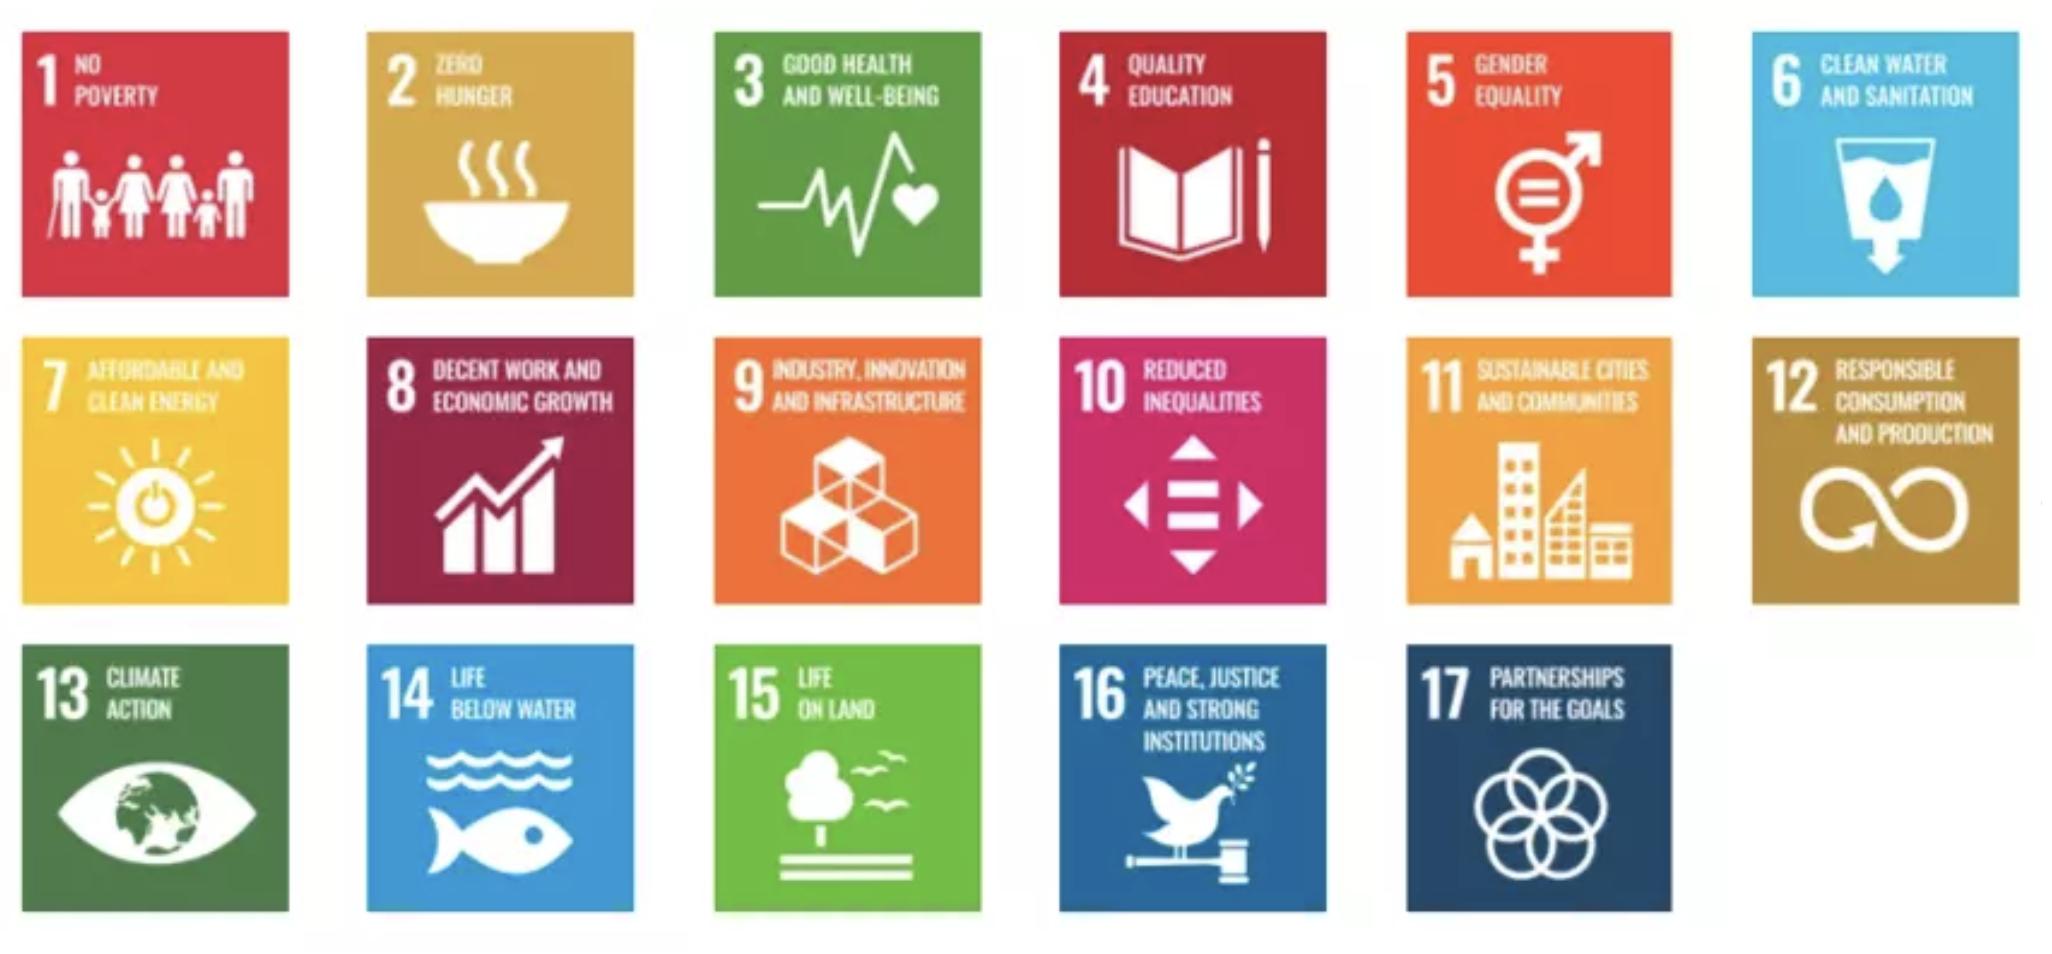 COVID-19 ha hecho que el logro de los Objetivos de Desarrollo Sostenible de las Naciones Unidas sea más difícil.